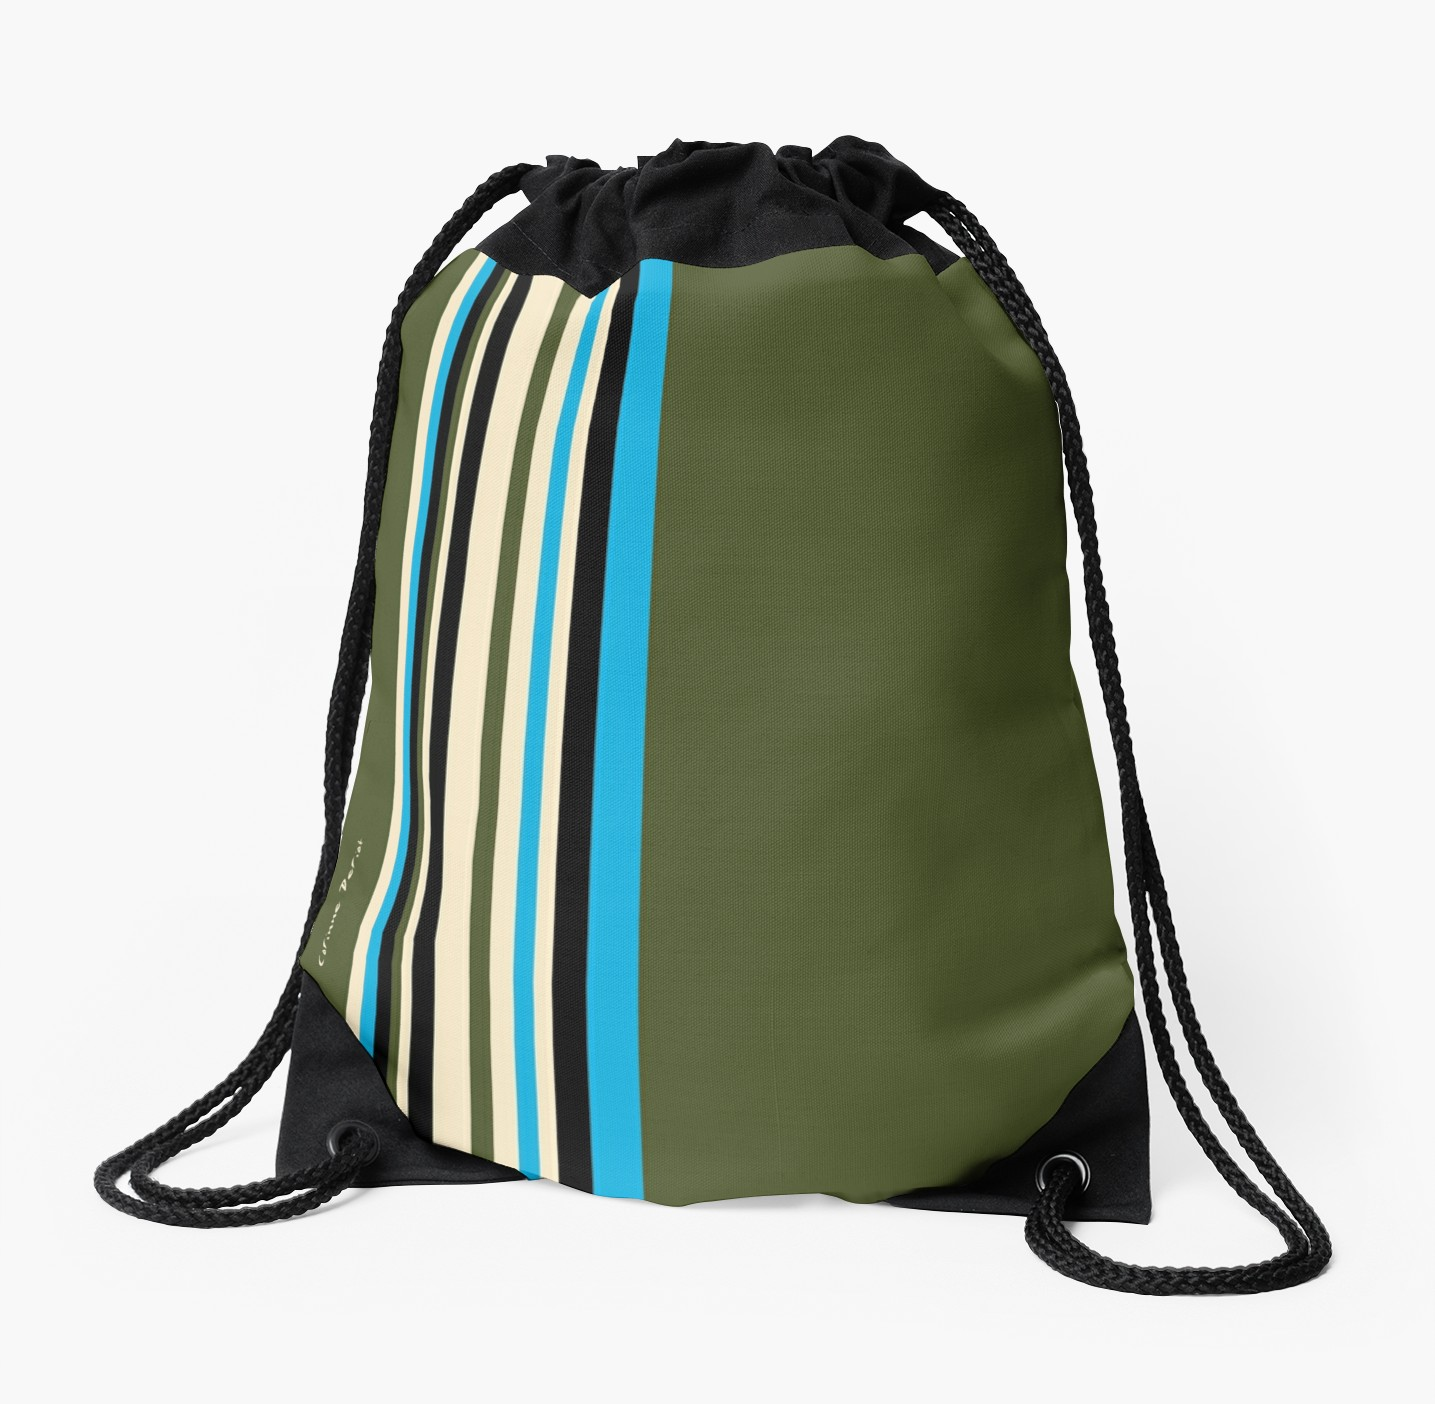 Sac 20180408 rayures vert kaki bleu beig